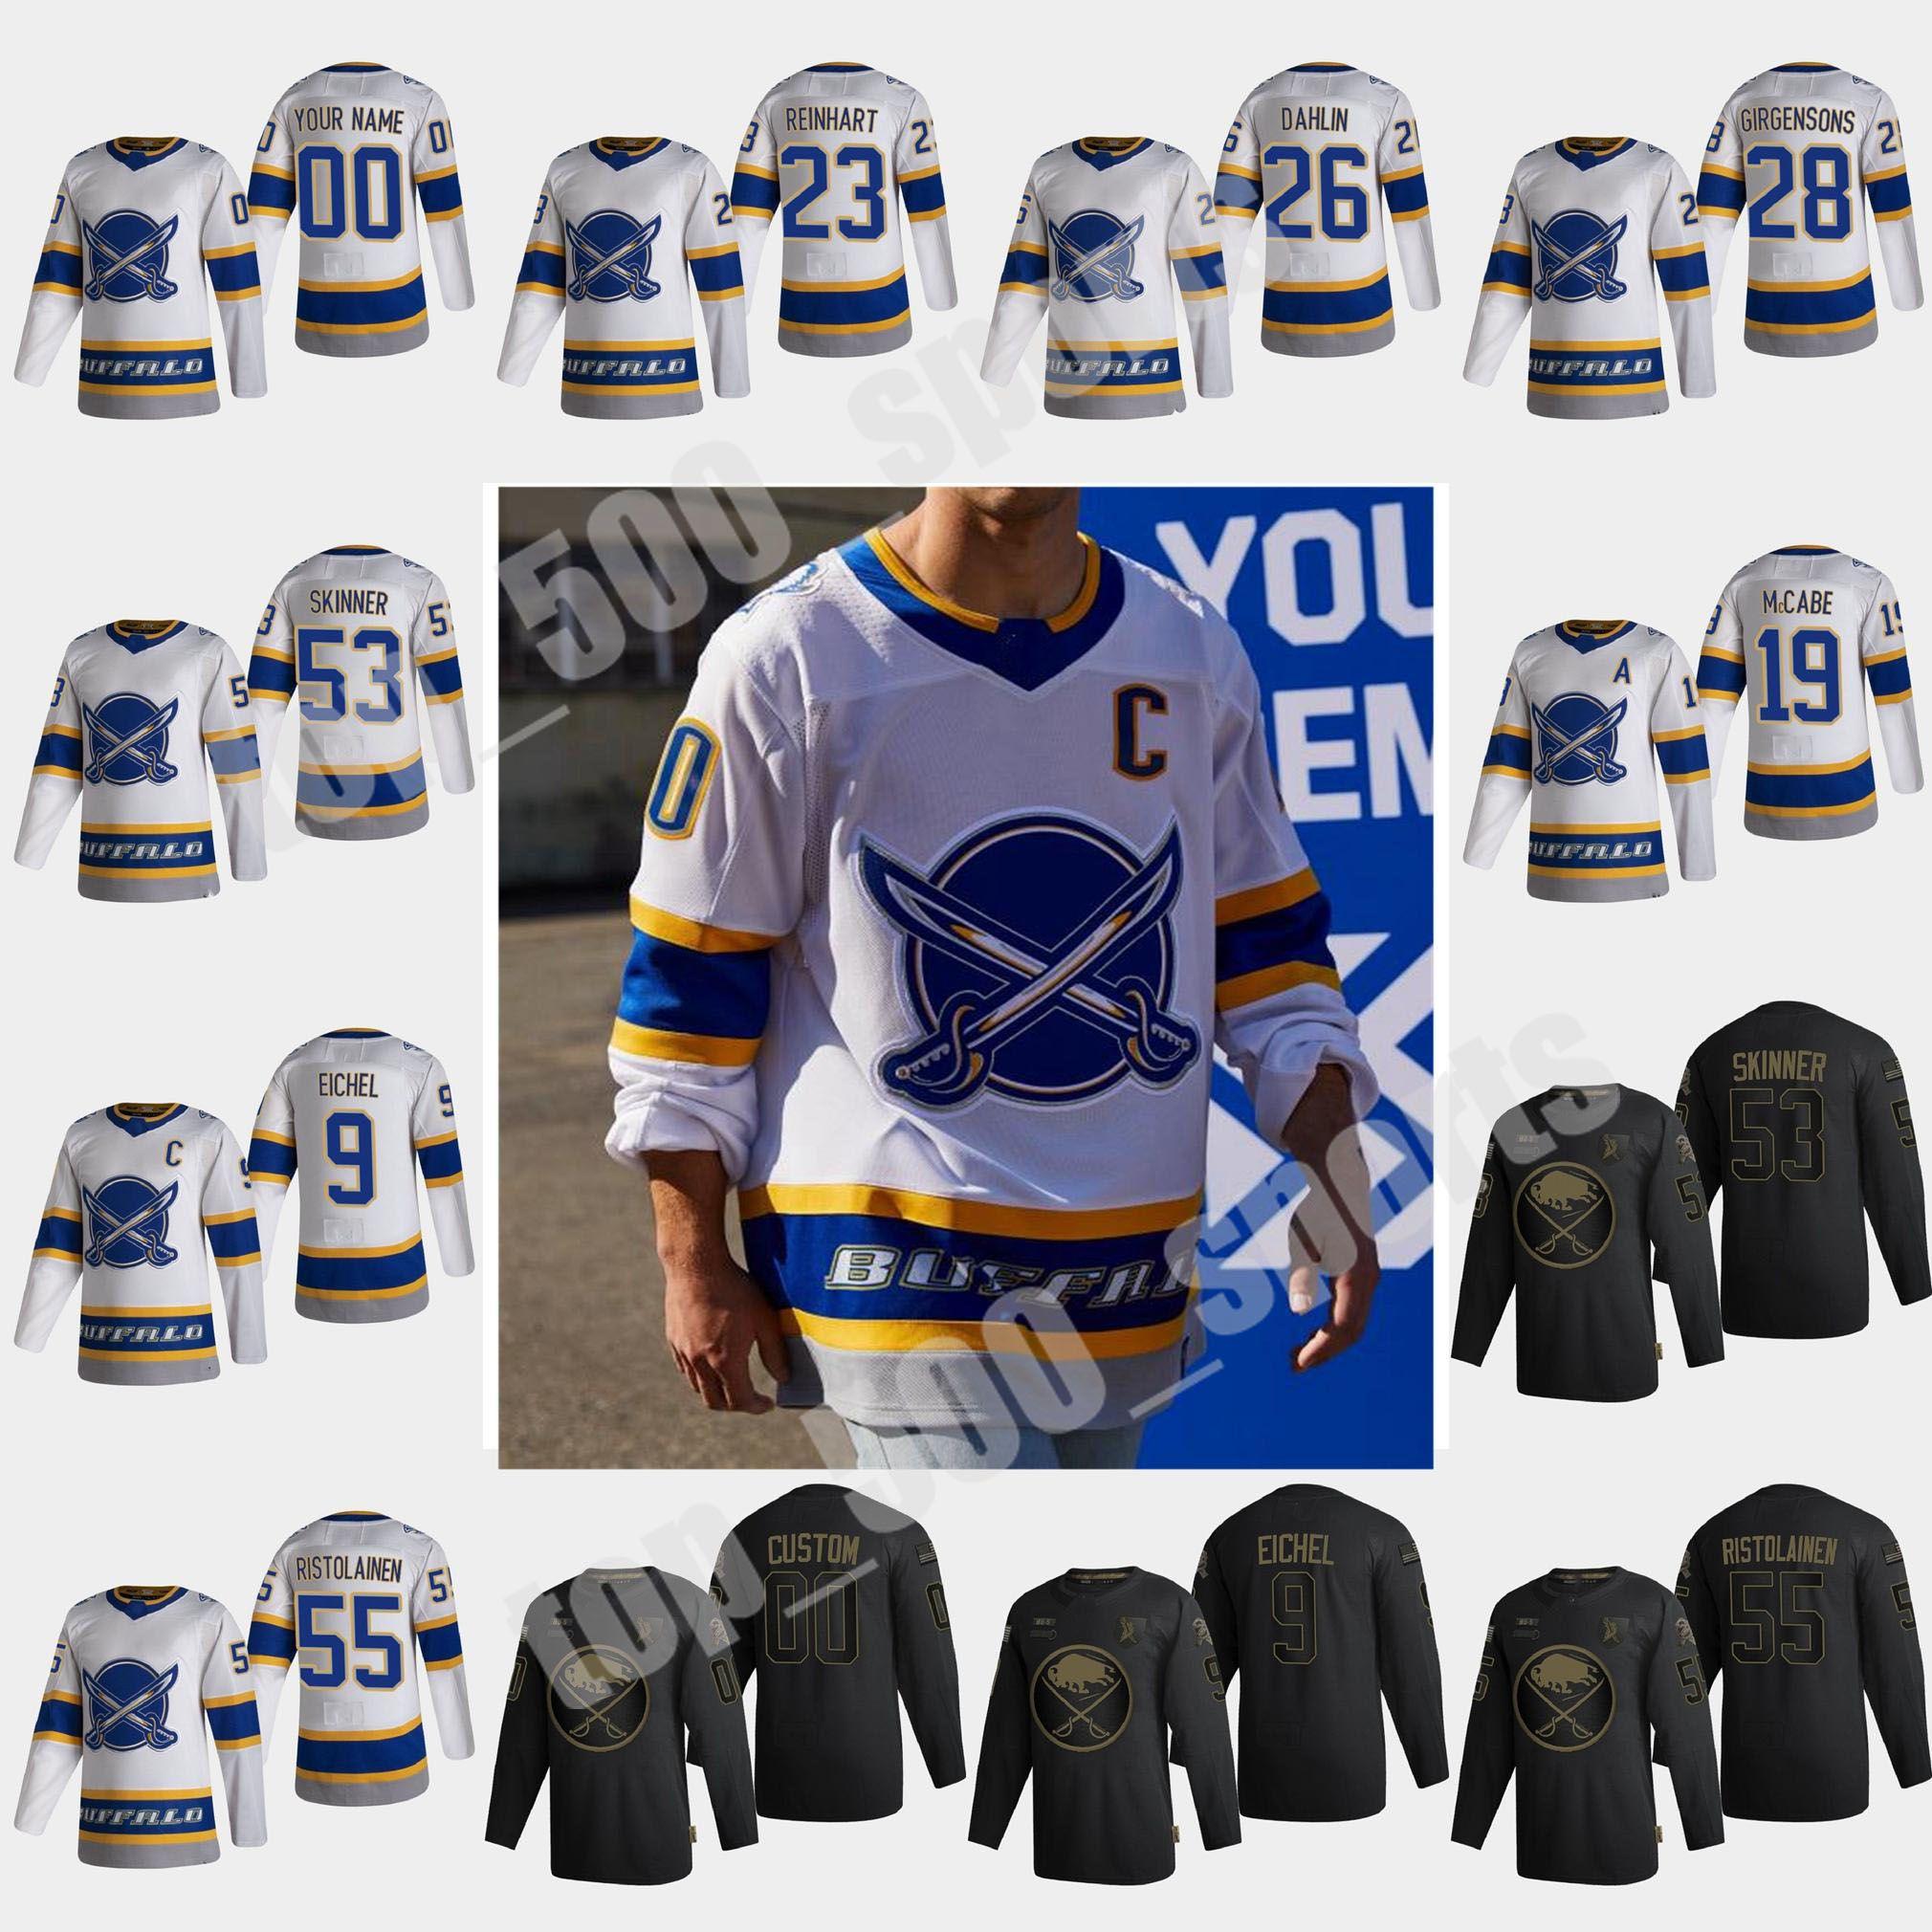 버팔로 세이버 2021 Reverse Retro Hockey Jerseys Jack Eichel Jersey Rasmus Dahlin Jeff Skinner Wayne Simmonds Sam Reinhart 사용자 정의 스티치